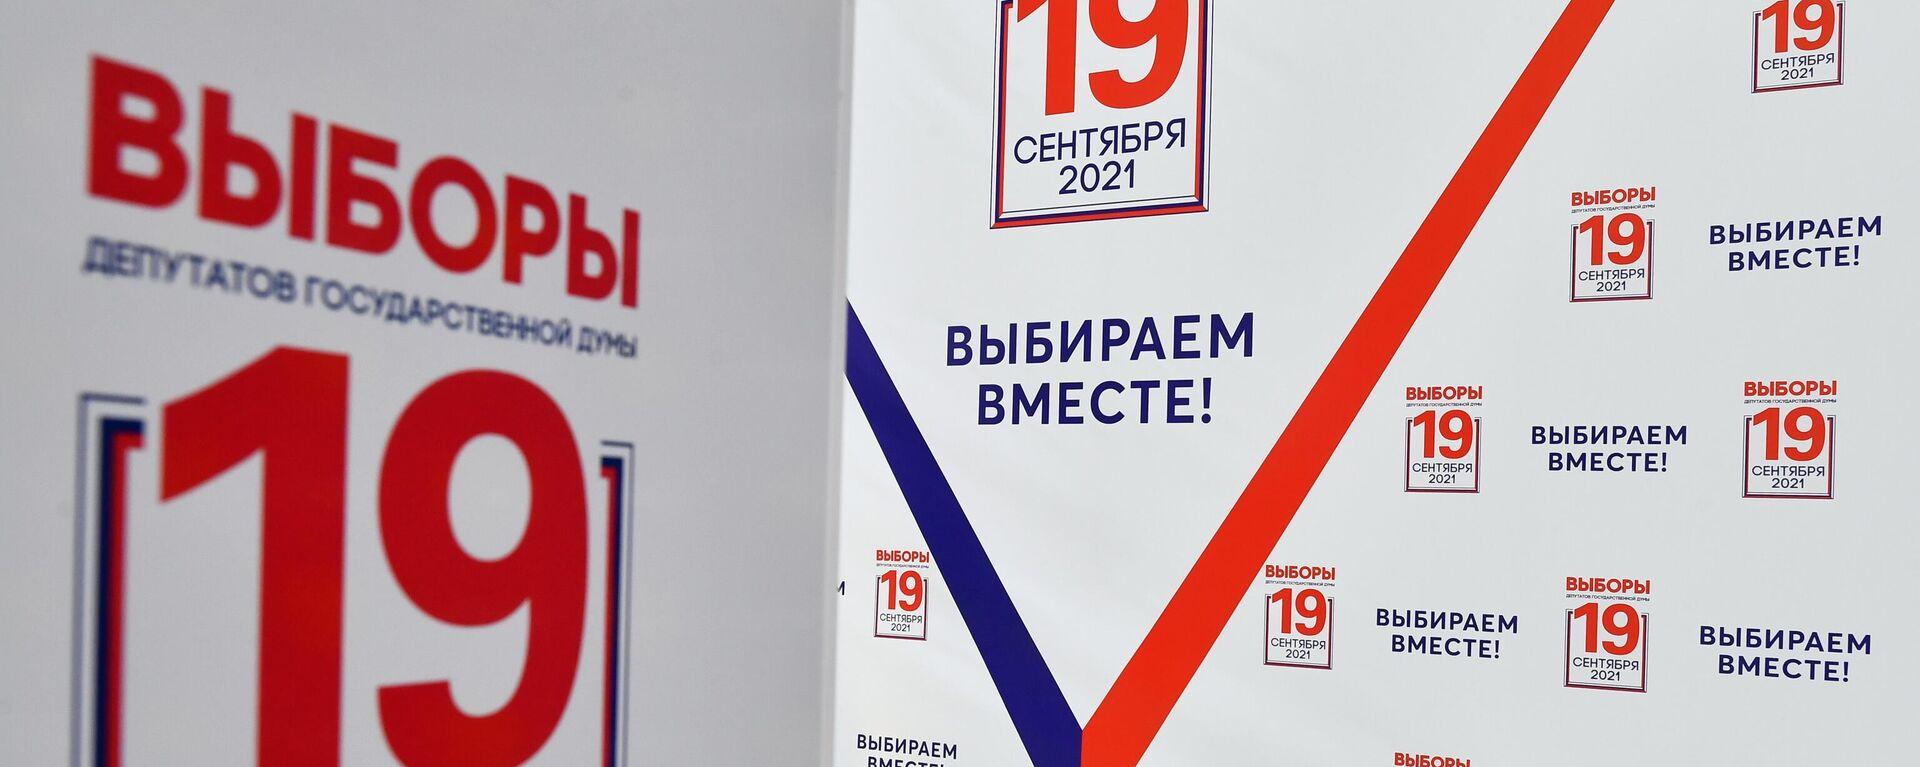 Церемония разделения ключей шифрования голосования перед стартом ДЭГ в 7 регионах России - Sputnik Узбекистан, 1920, 16.09.2021